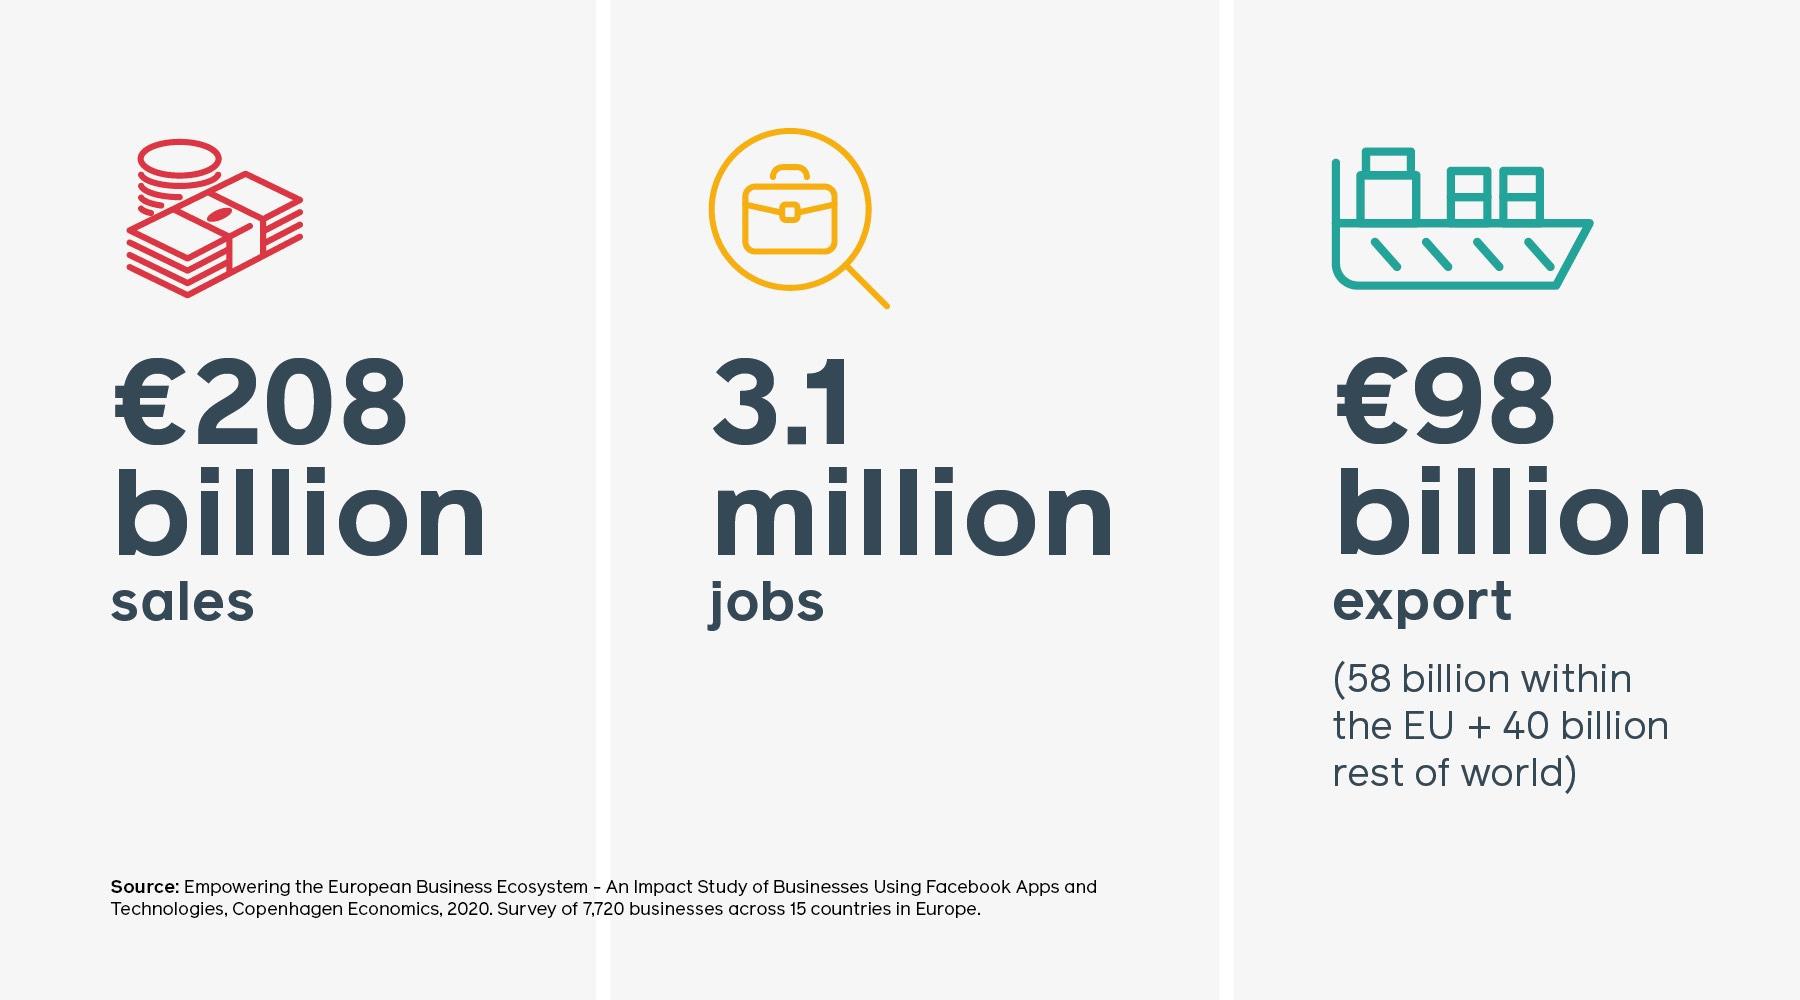 Bild från Facebooks rapport som säger att Facebook genererade intäkter om 208 miljarder euro 2019 vilket motsvarar 3,1 miljoner jobb